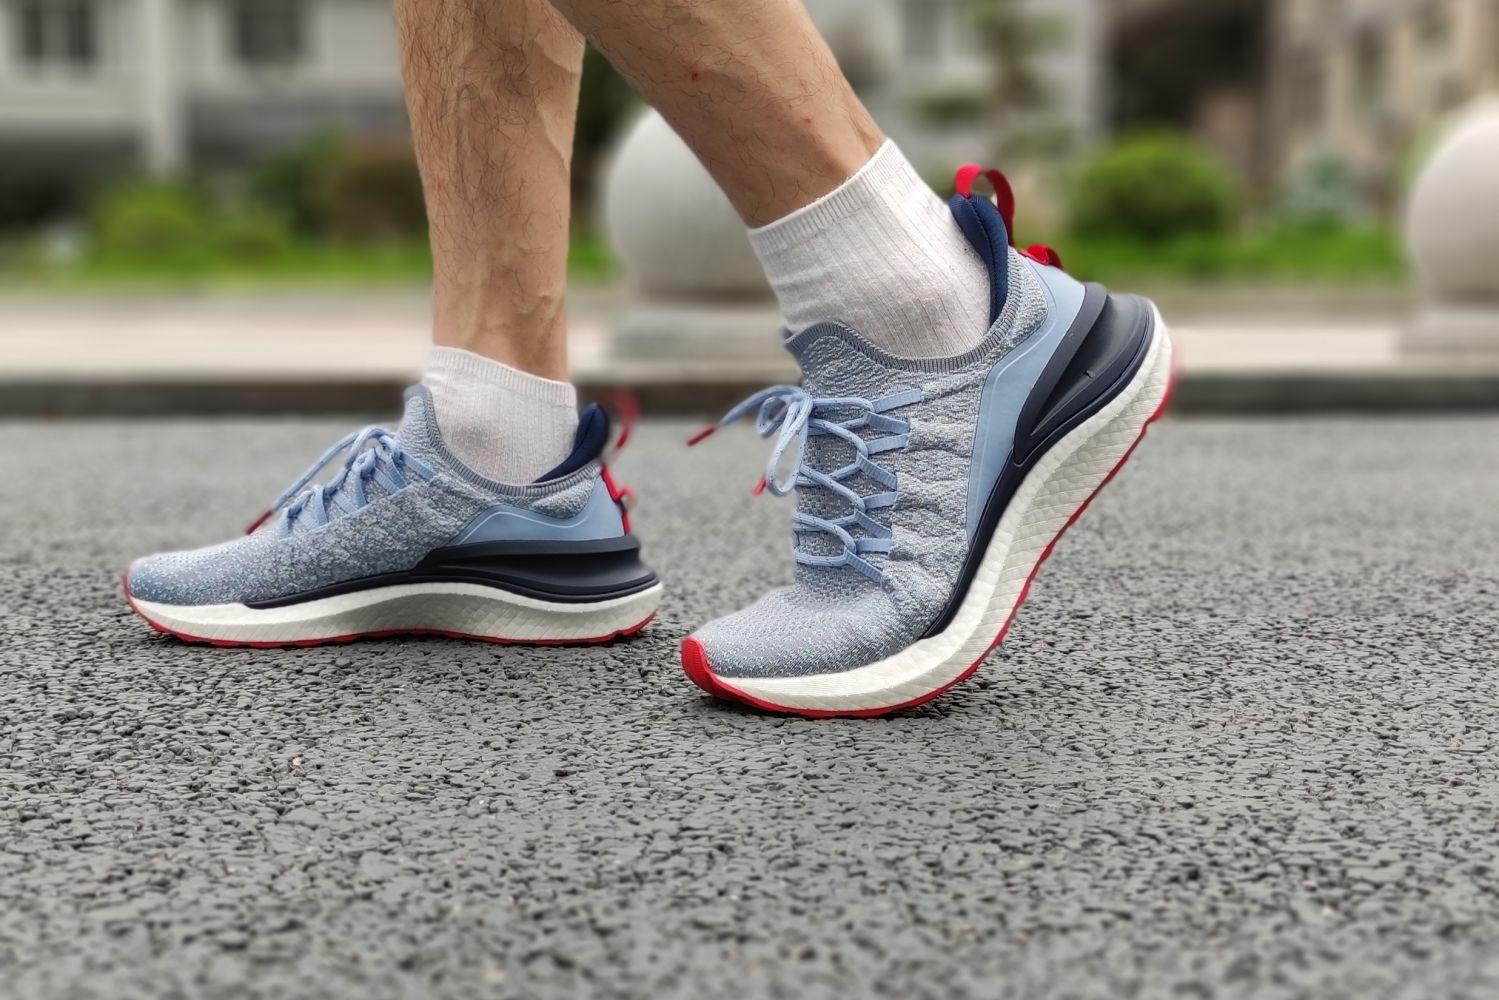 米家运动鞋4出街有颜值 运动有软弹一体鞋底